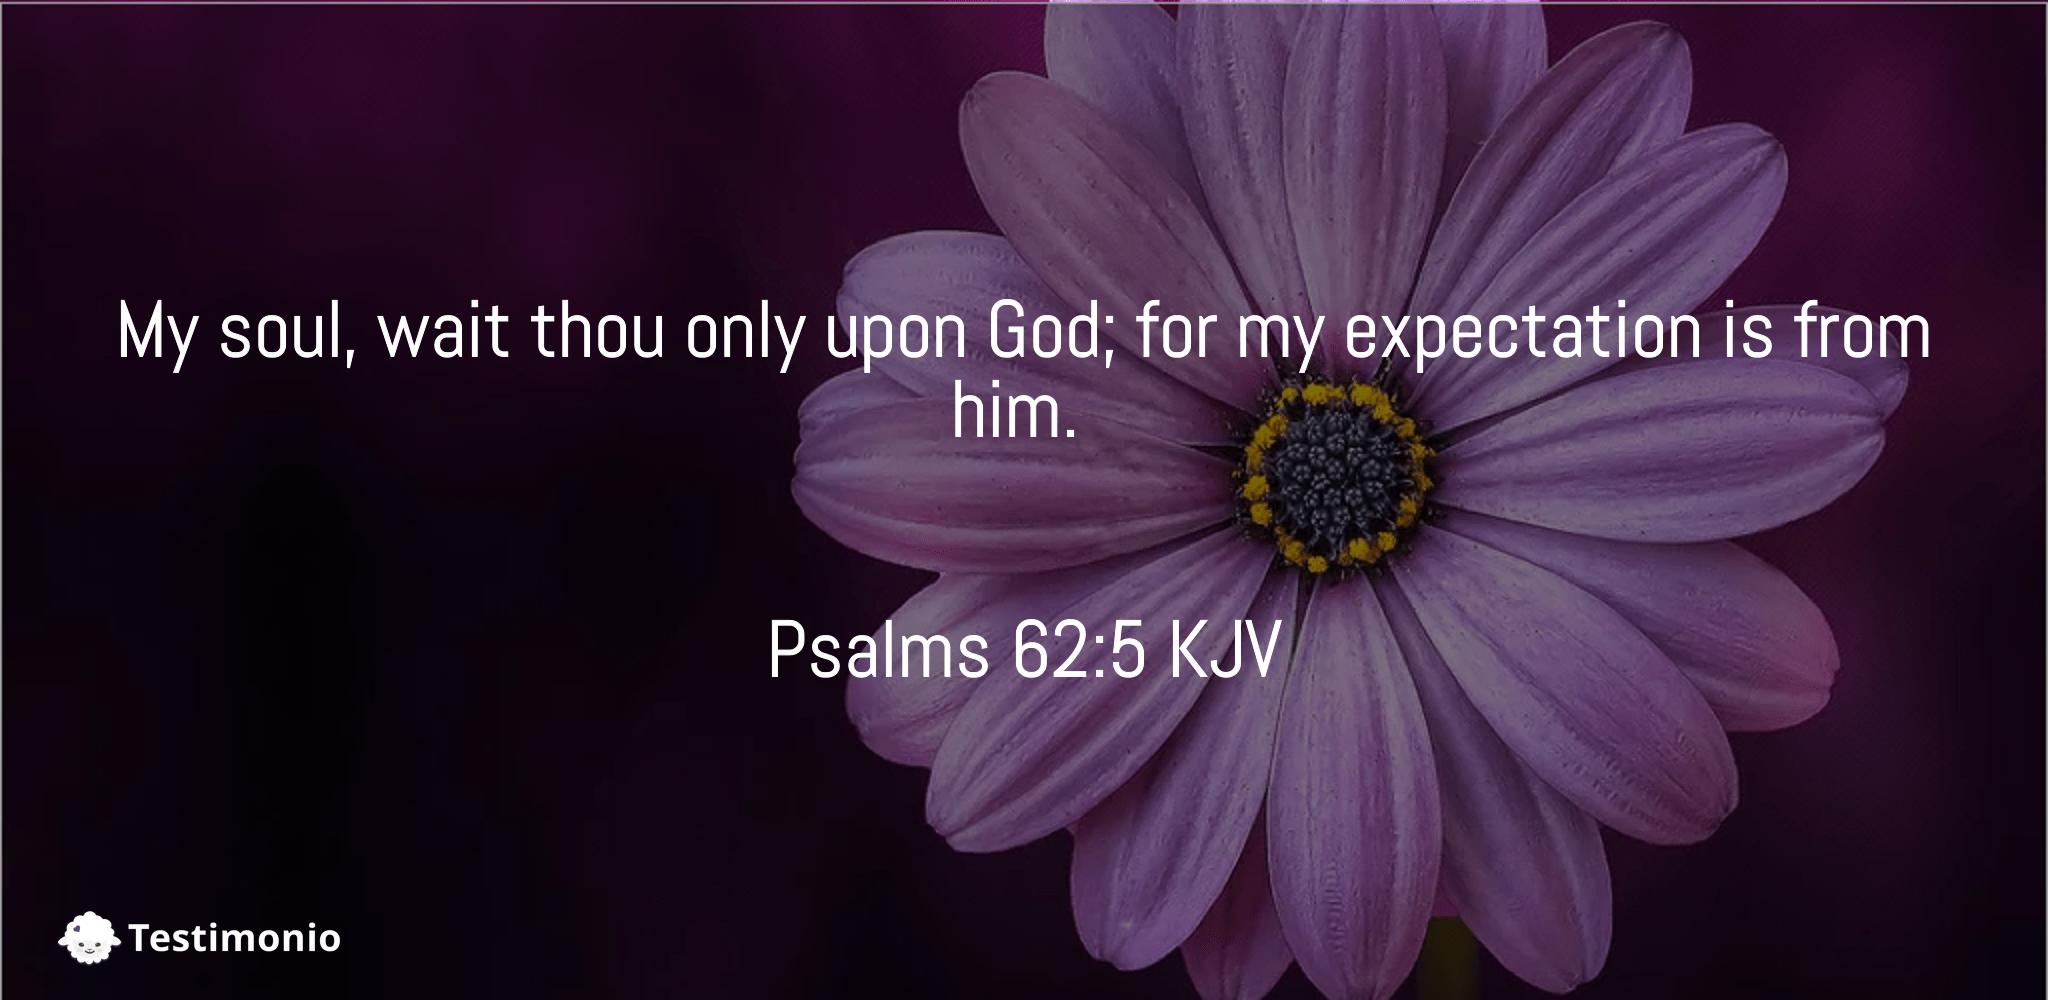 Psalms 62:5